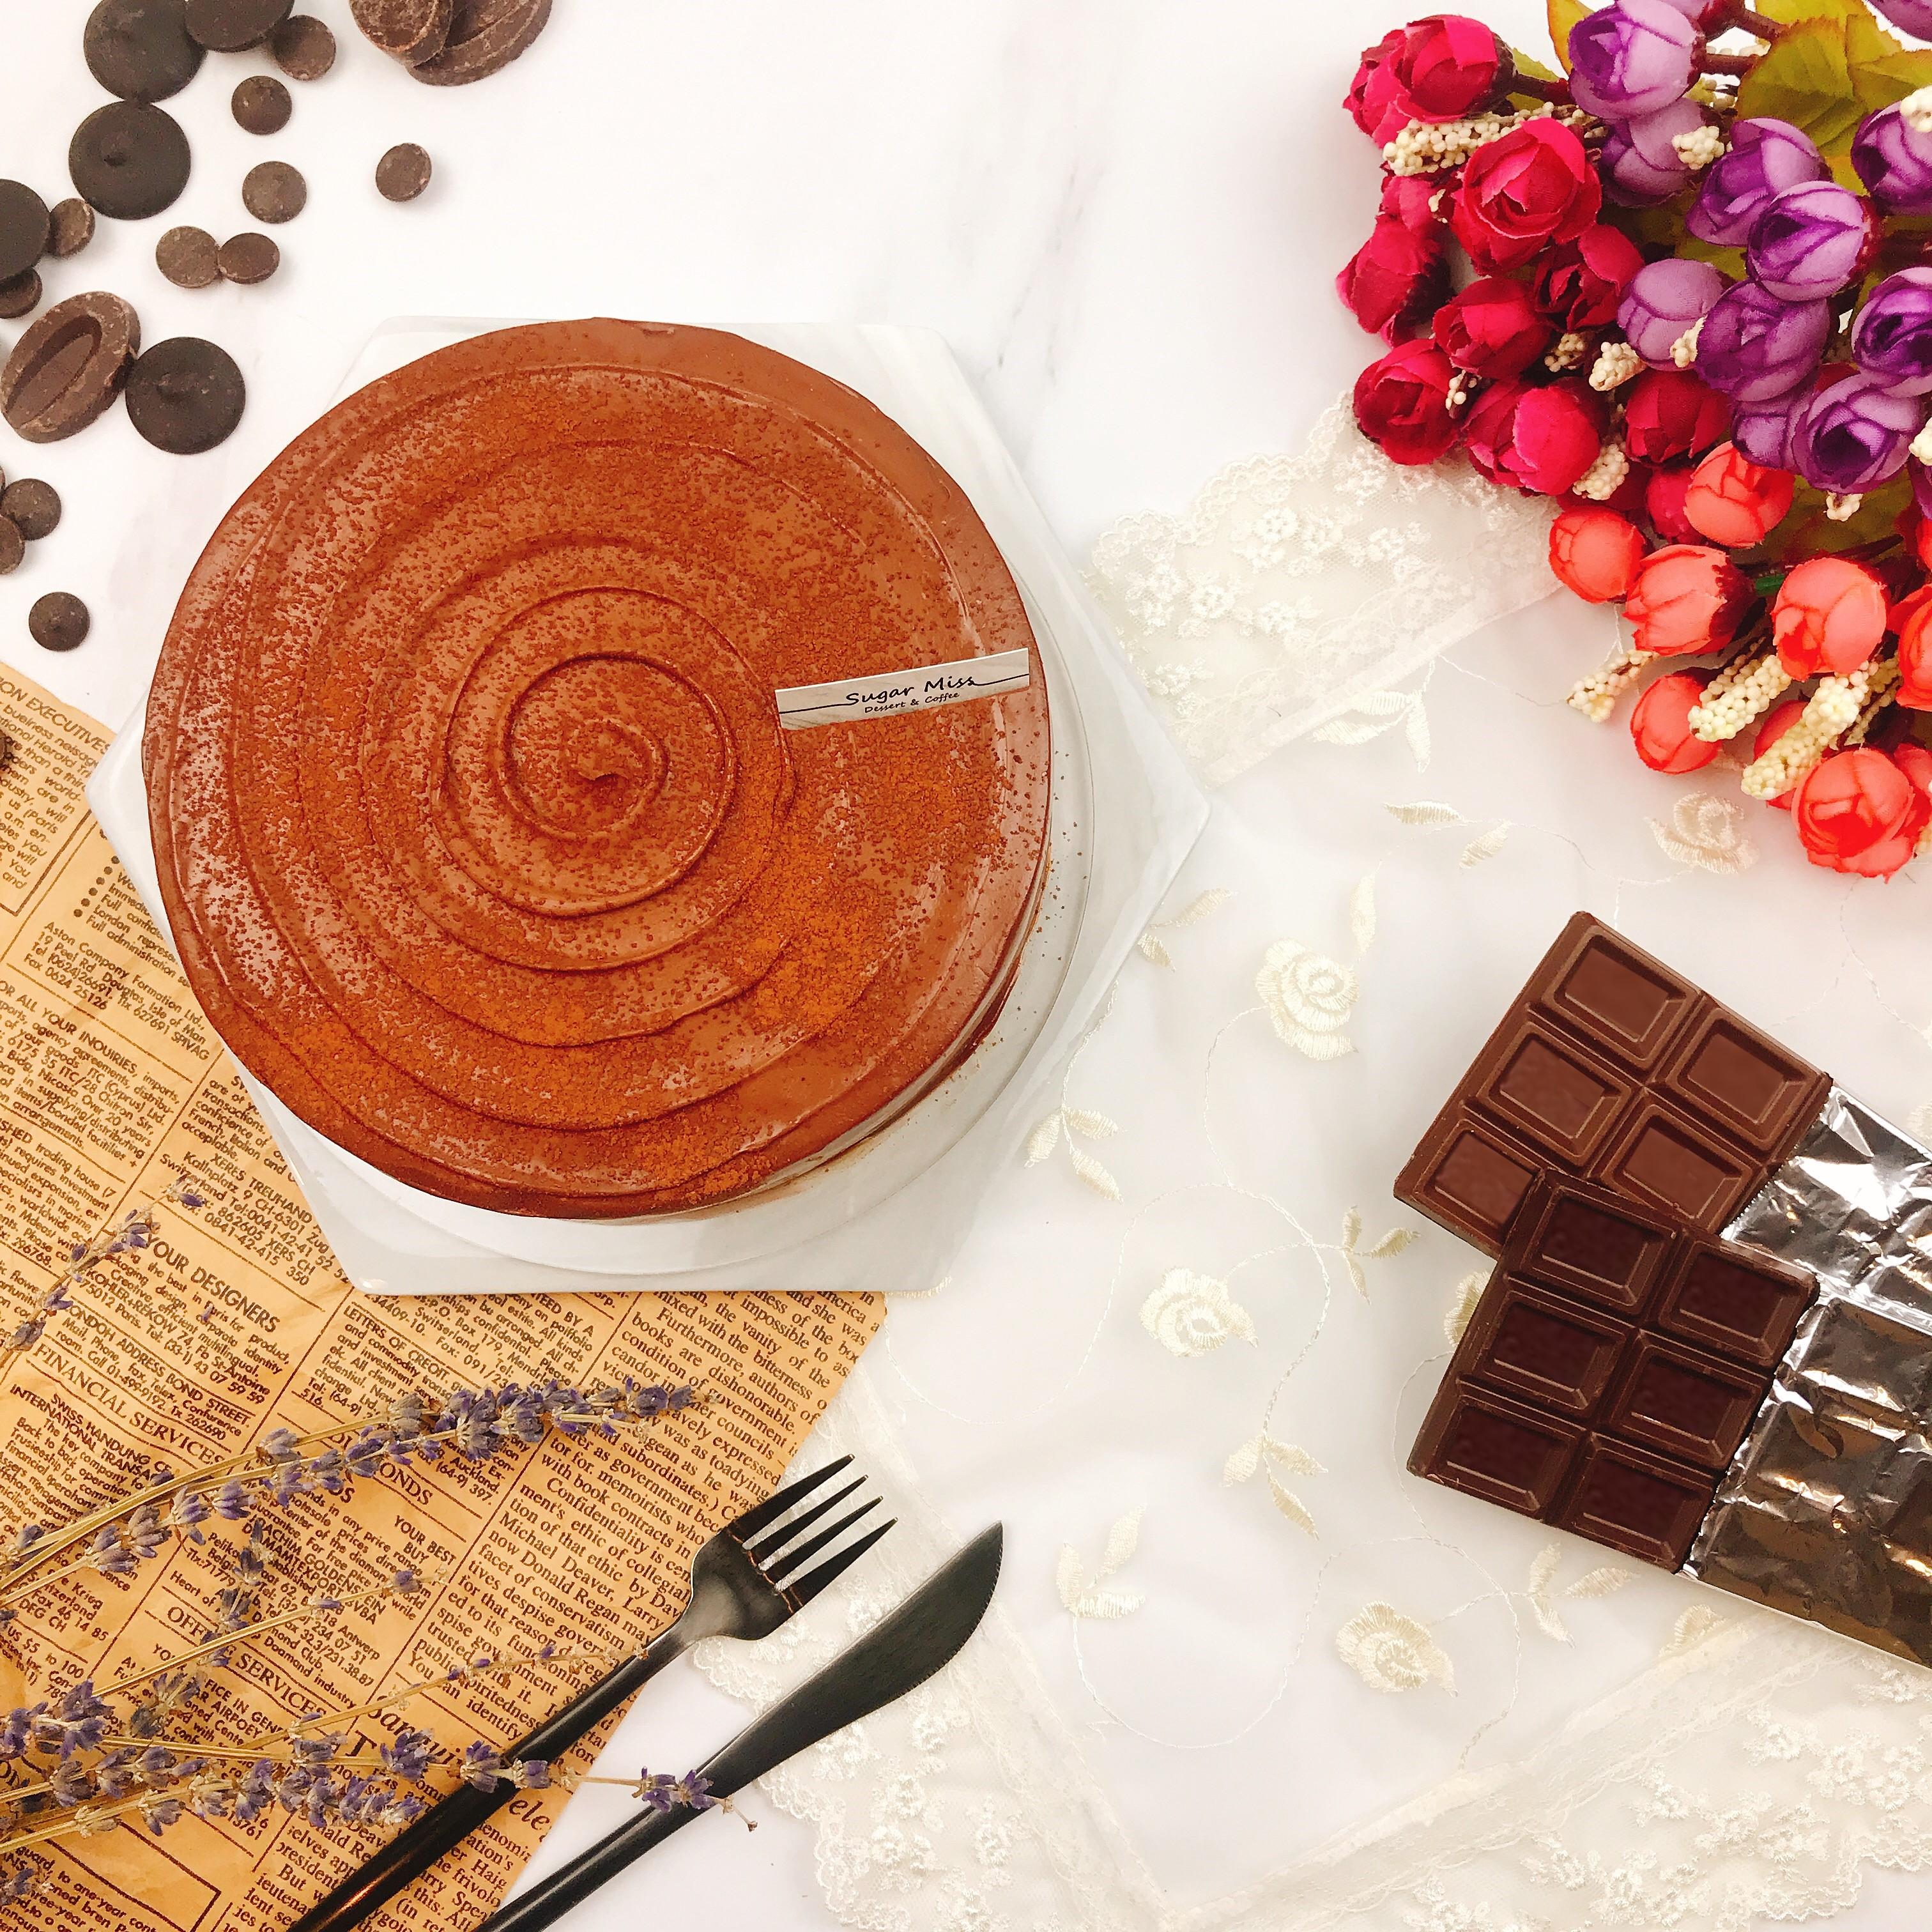 【Sugar miss】法芙娜巧克力千層蛋糕 6吋